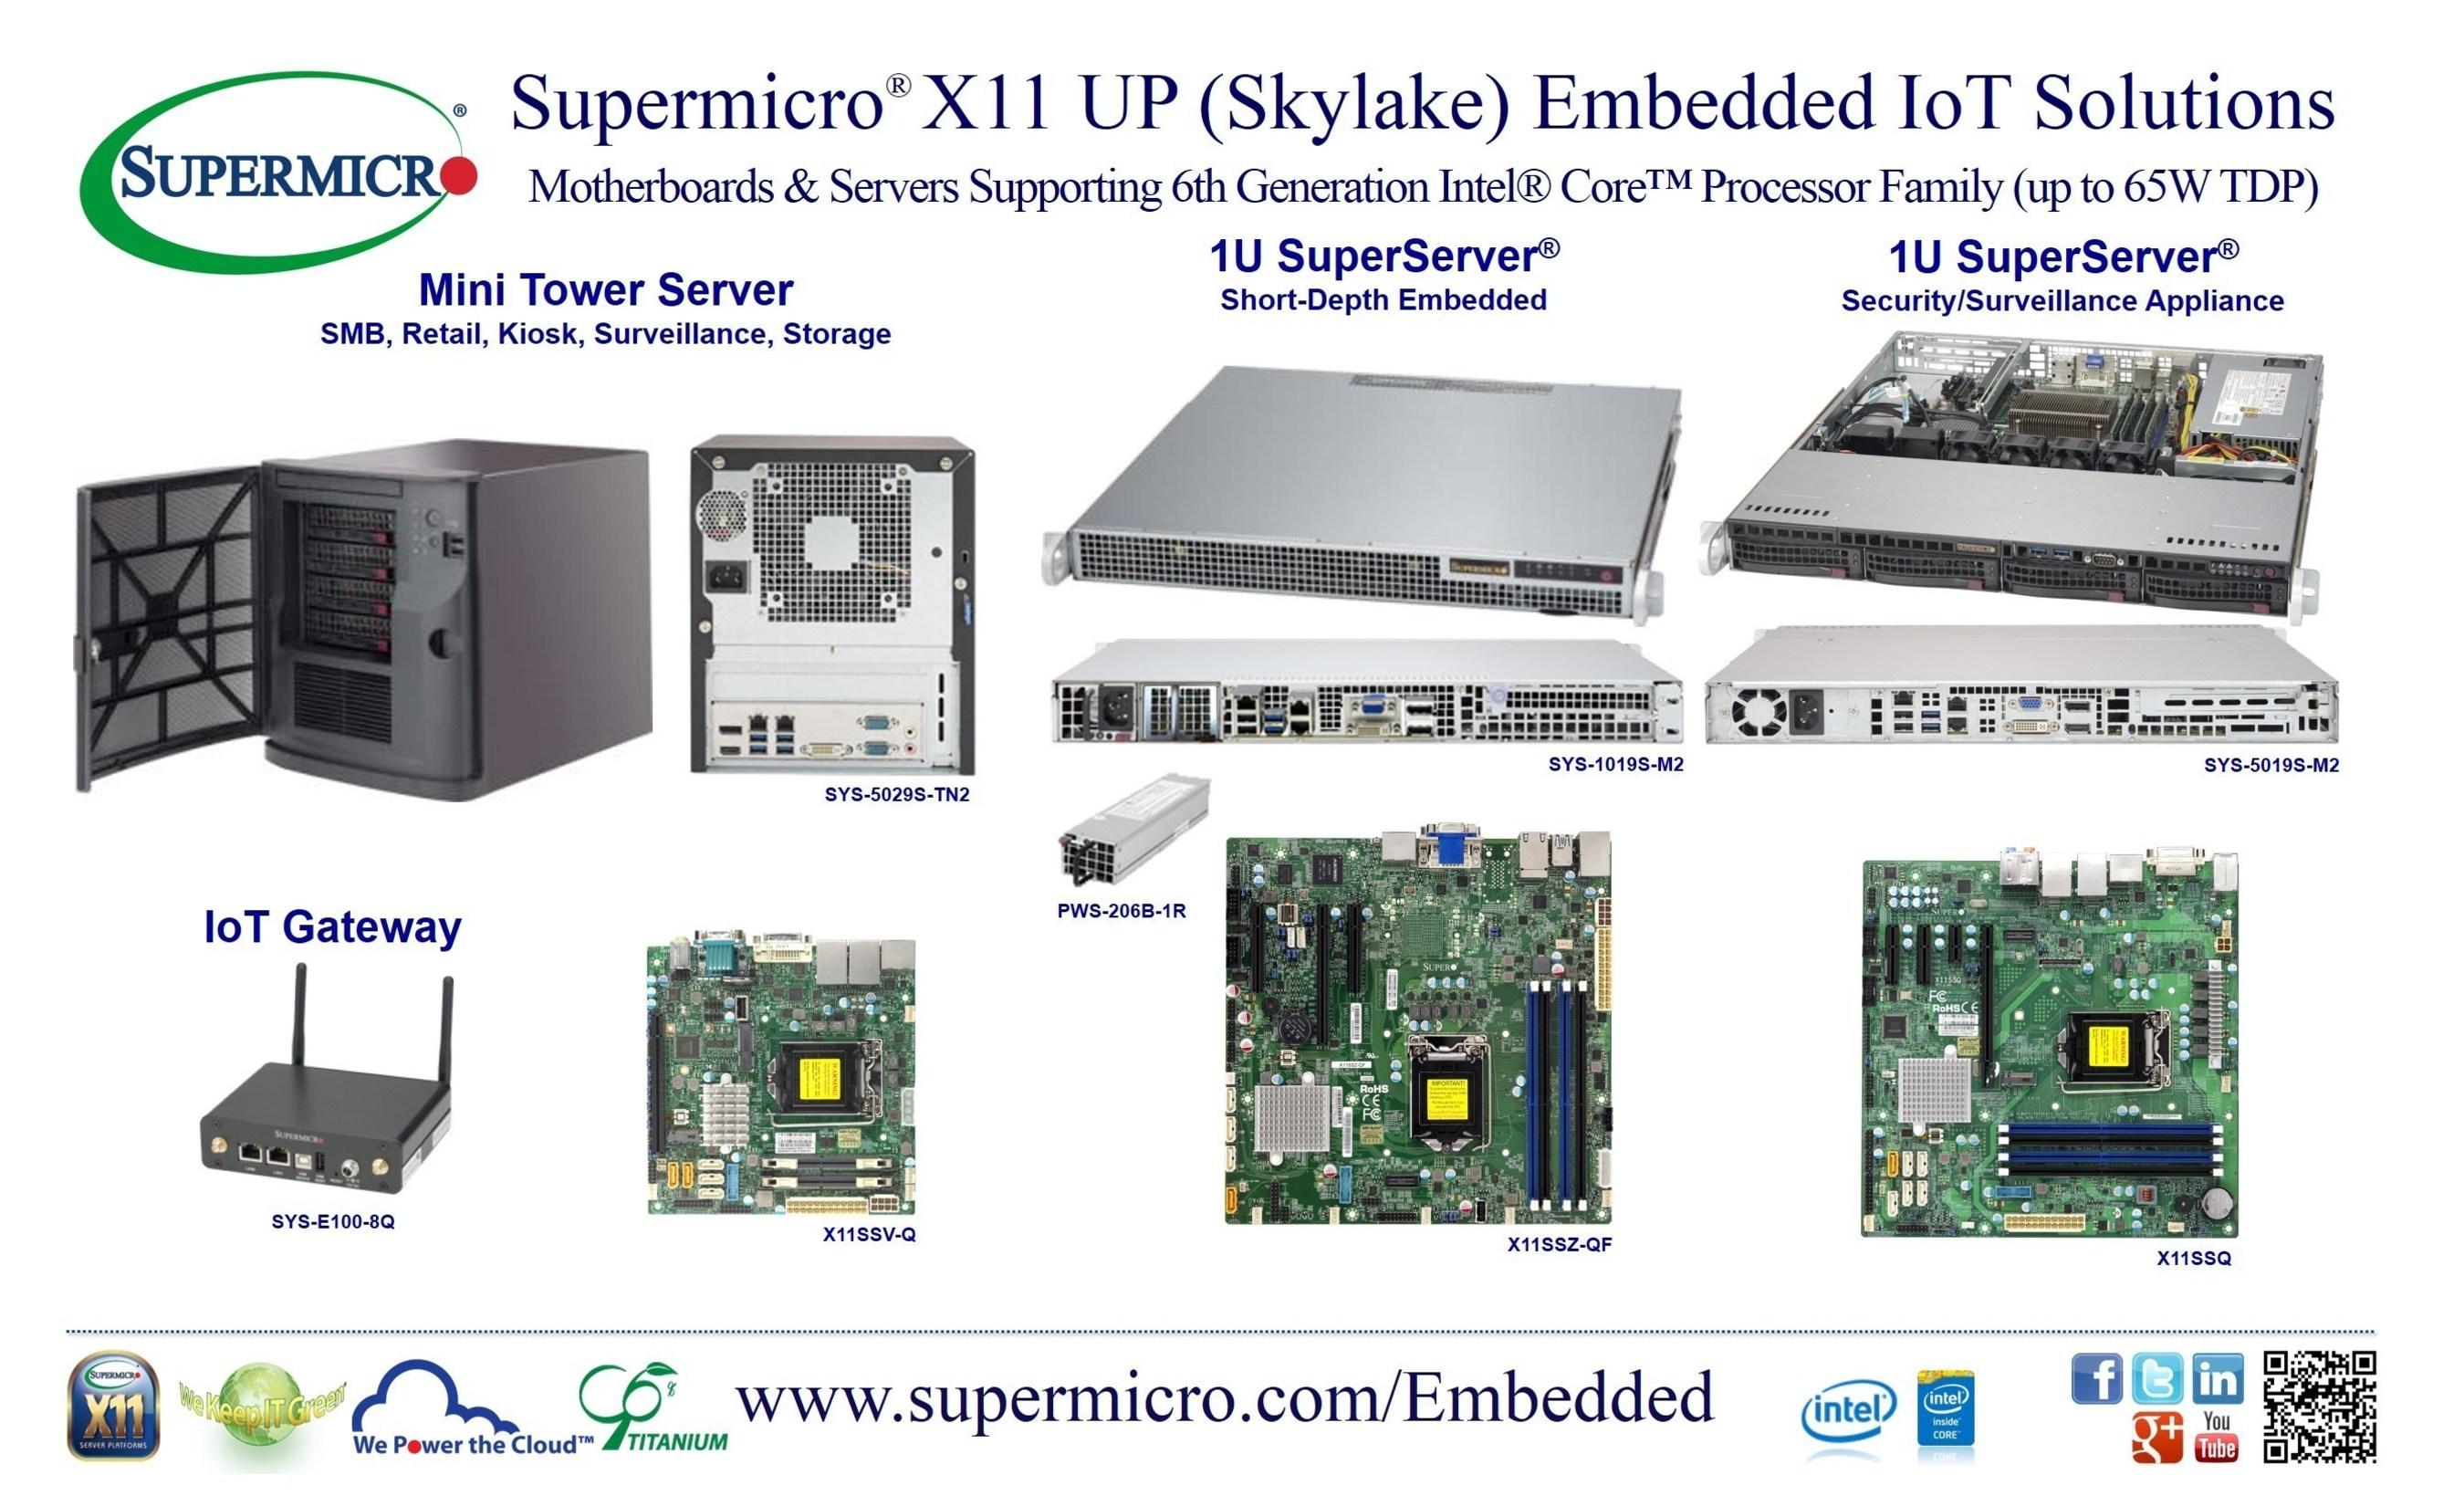 Supermicro® estrena placa base y soluciones de sistema integradas